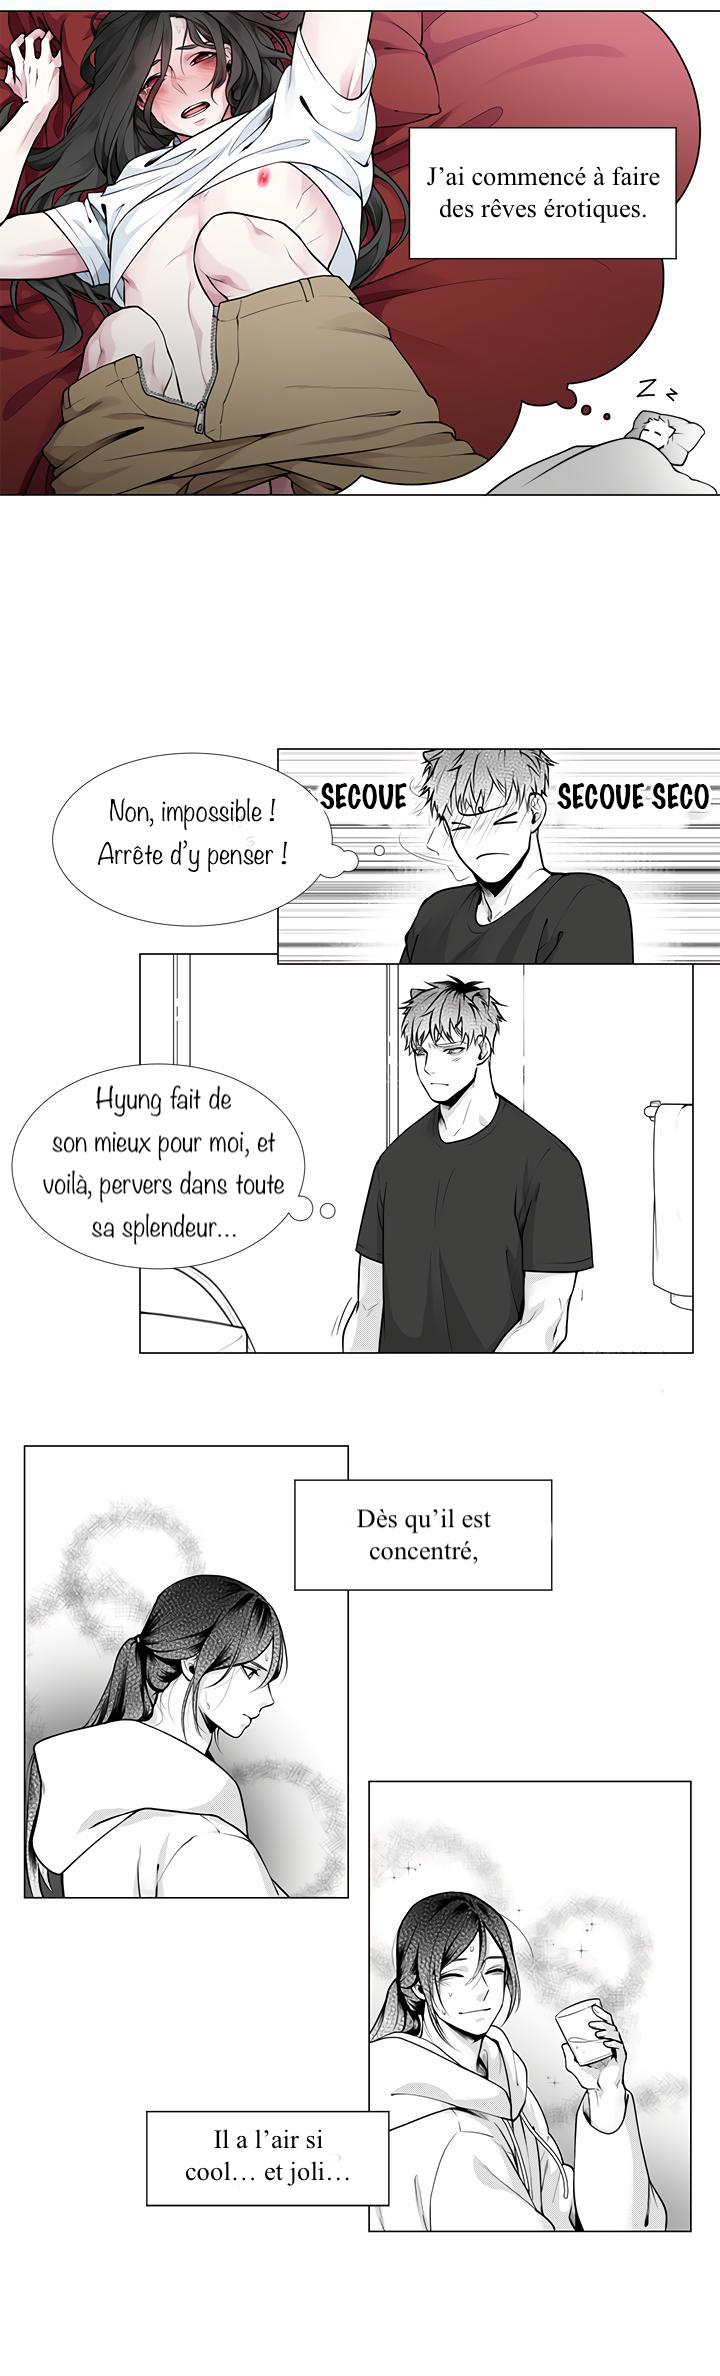 https://nine.mangadogs.com/fr_manga/pic2/59/11515/518618/eb17e1c03643c971ab35c22d86587541.jpg Page 9